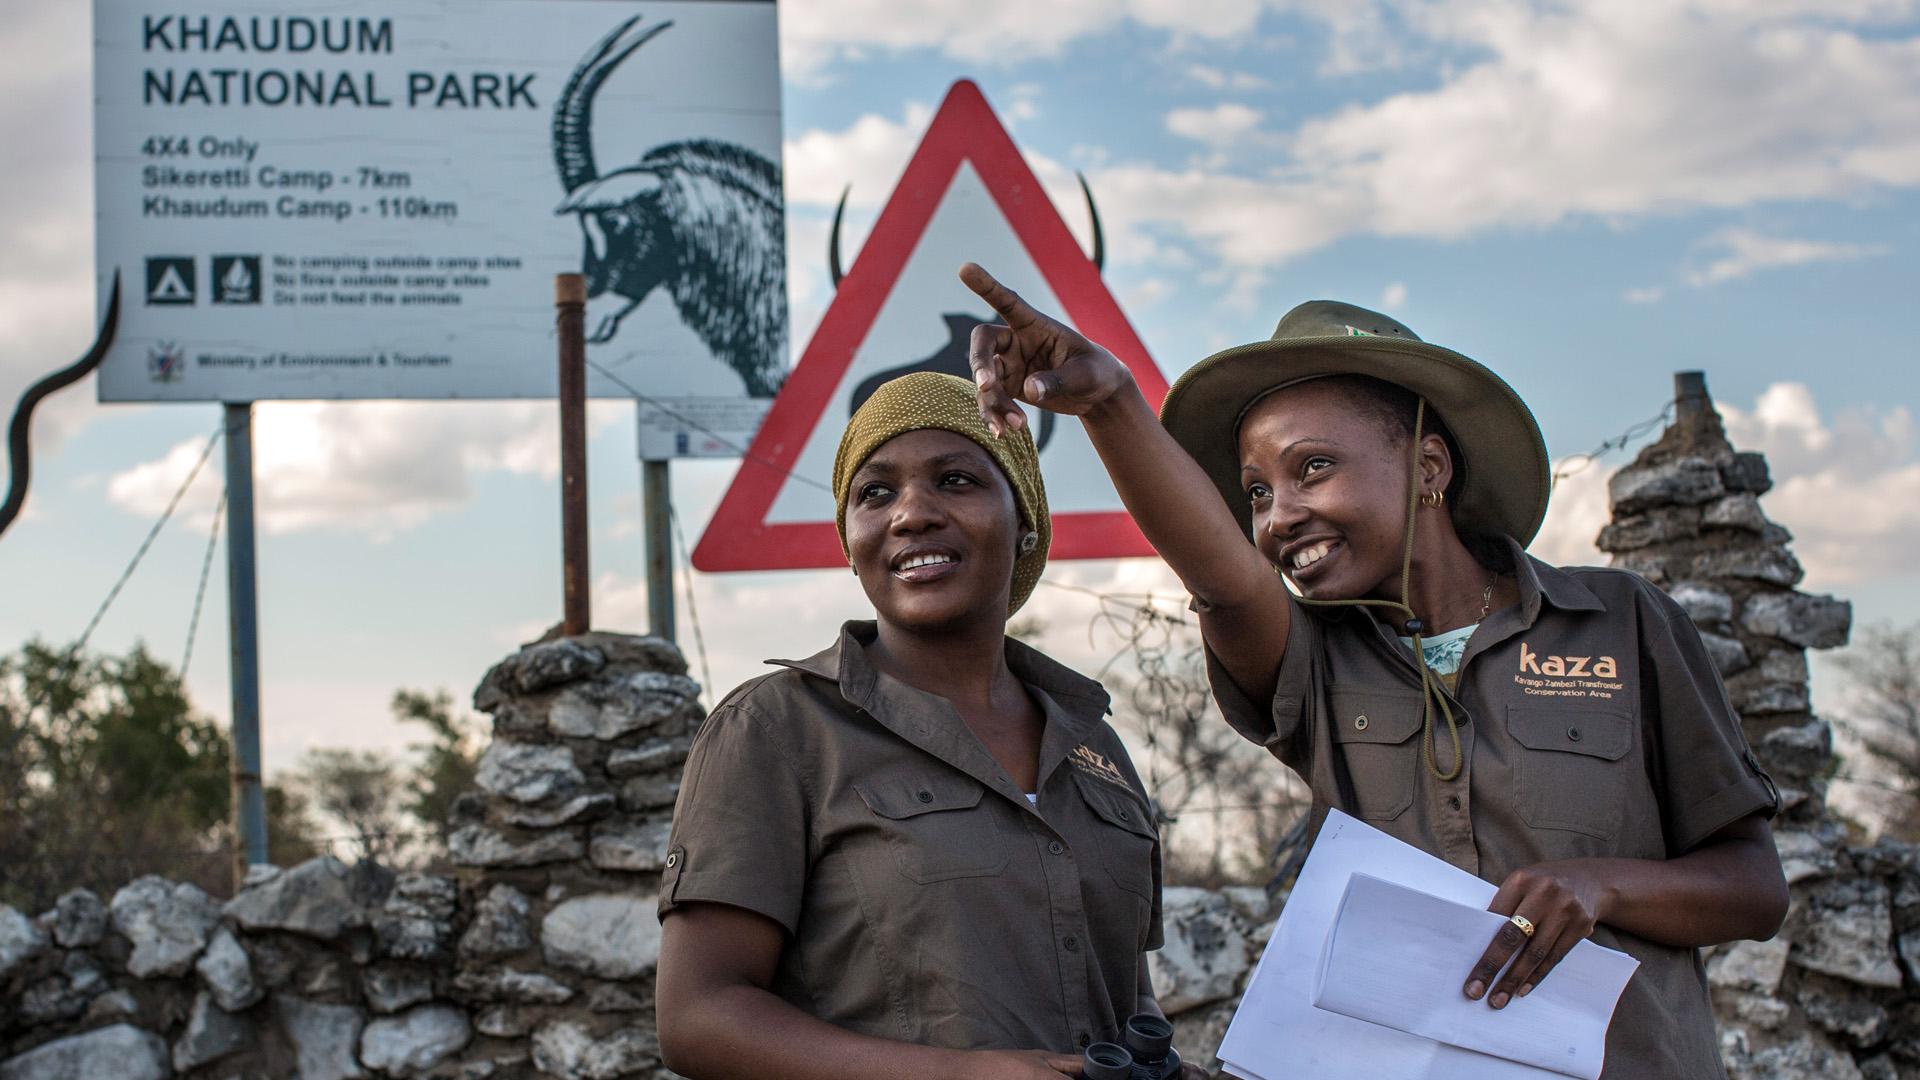 Rangerinnen im namibischen Khaudum-Nationalpark, der Teil des grenzübergreifenden KAZA-Projekts ist